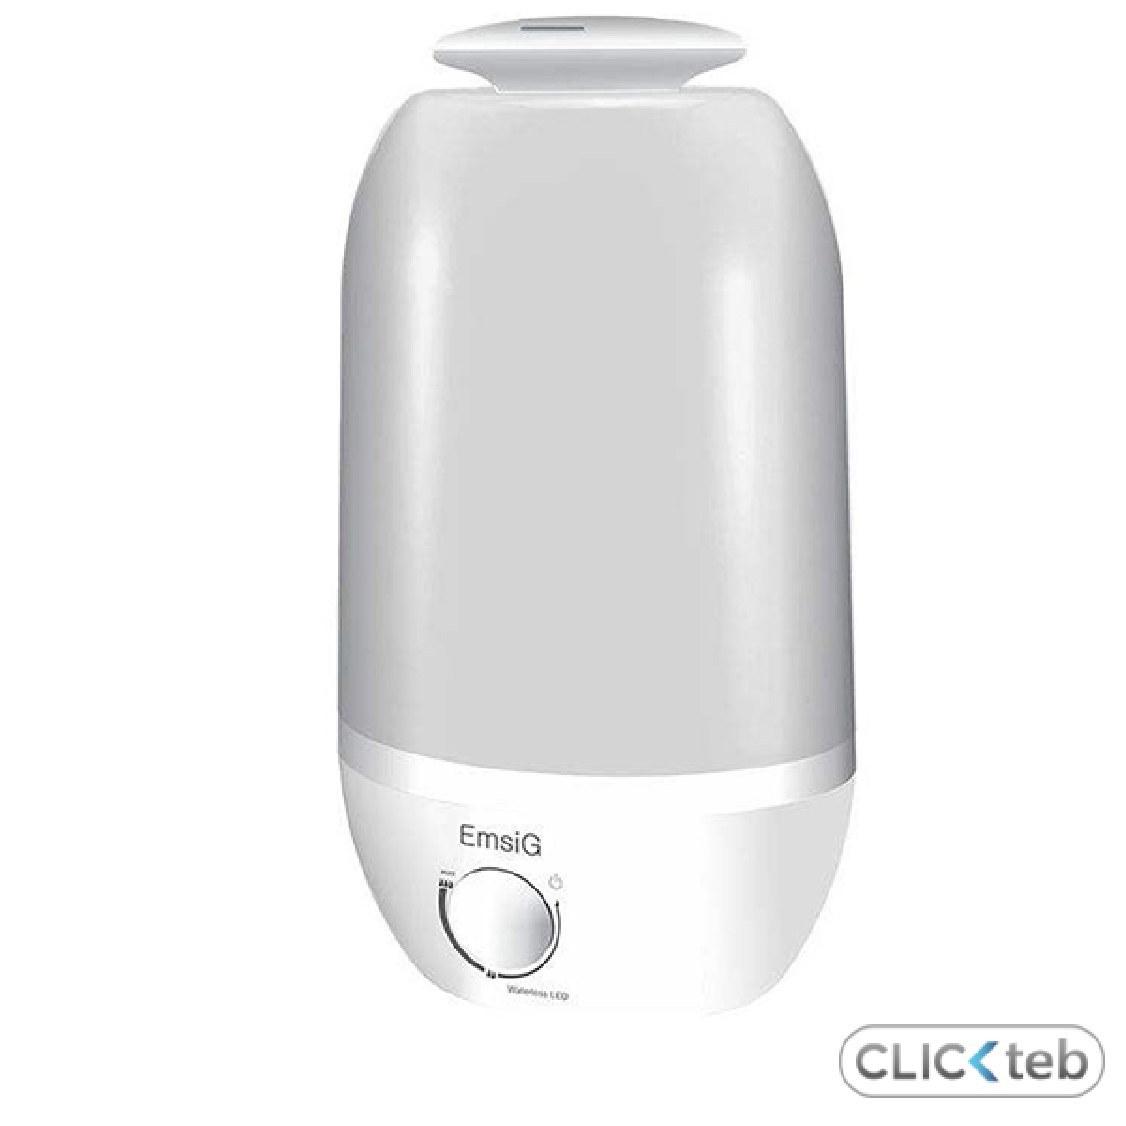 تصویر دستگاه بخور سرد اولتراسونیک امسیگ مدل US422 Emsig Ultrasonic Air Cool Humidifier US422